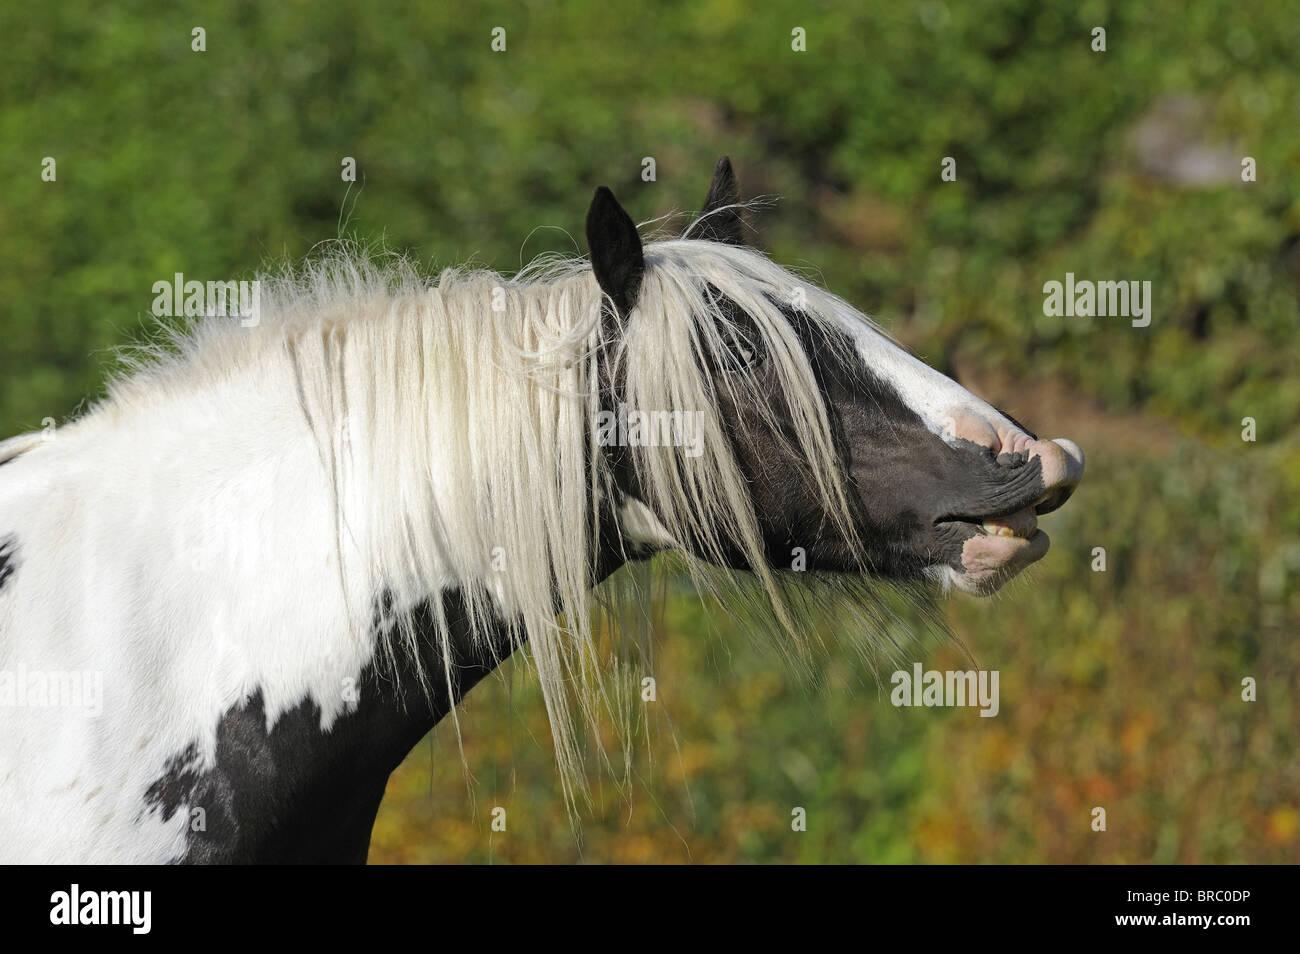 Gypsy Vanner Cavallo (Equus caballus ferus), mare facendo il flehmen. Immagini Stock